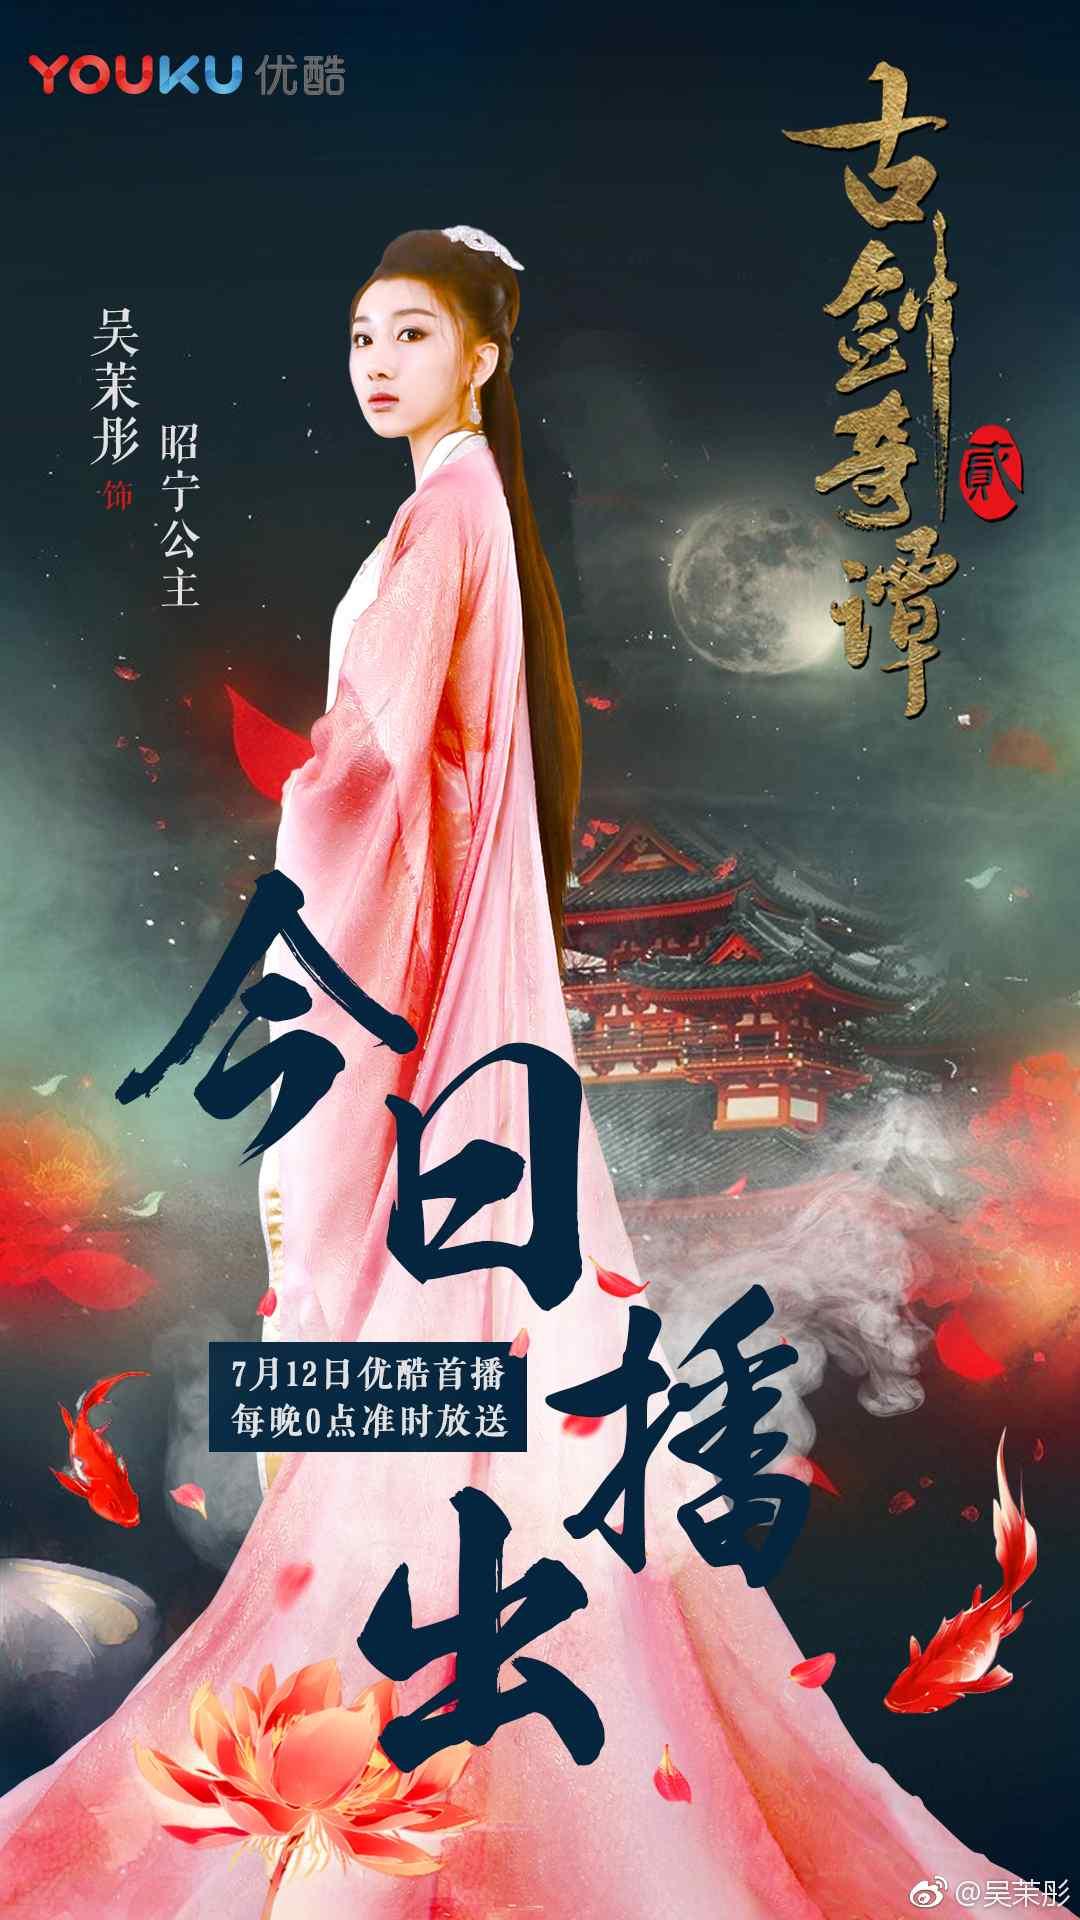 《古剑奇谭2》吴春燕开播海报